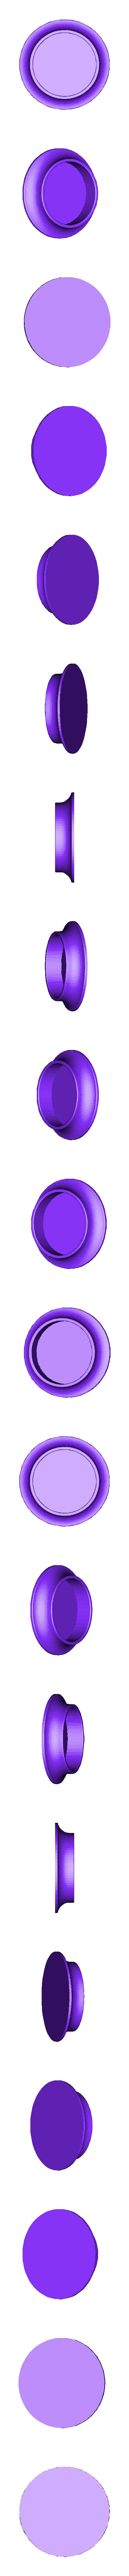 Bote más grande - base.STL Télécharger fichier STL gratuit Pot à cactus • Plan pour imprimante 3D, SnakeCreations